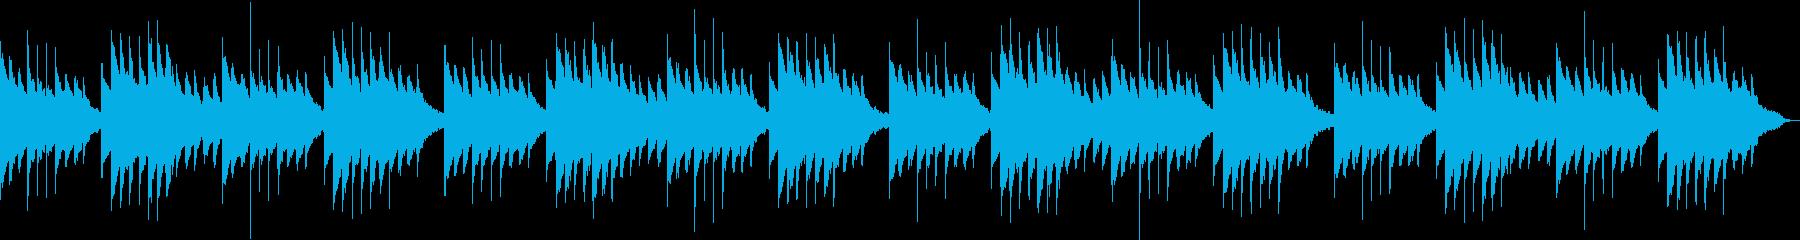 ほのぼのしたオルゴールとハープの再生済みの波形